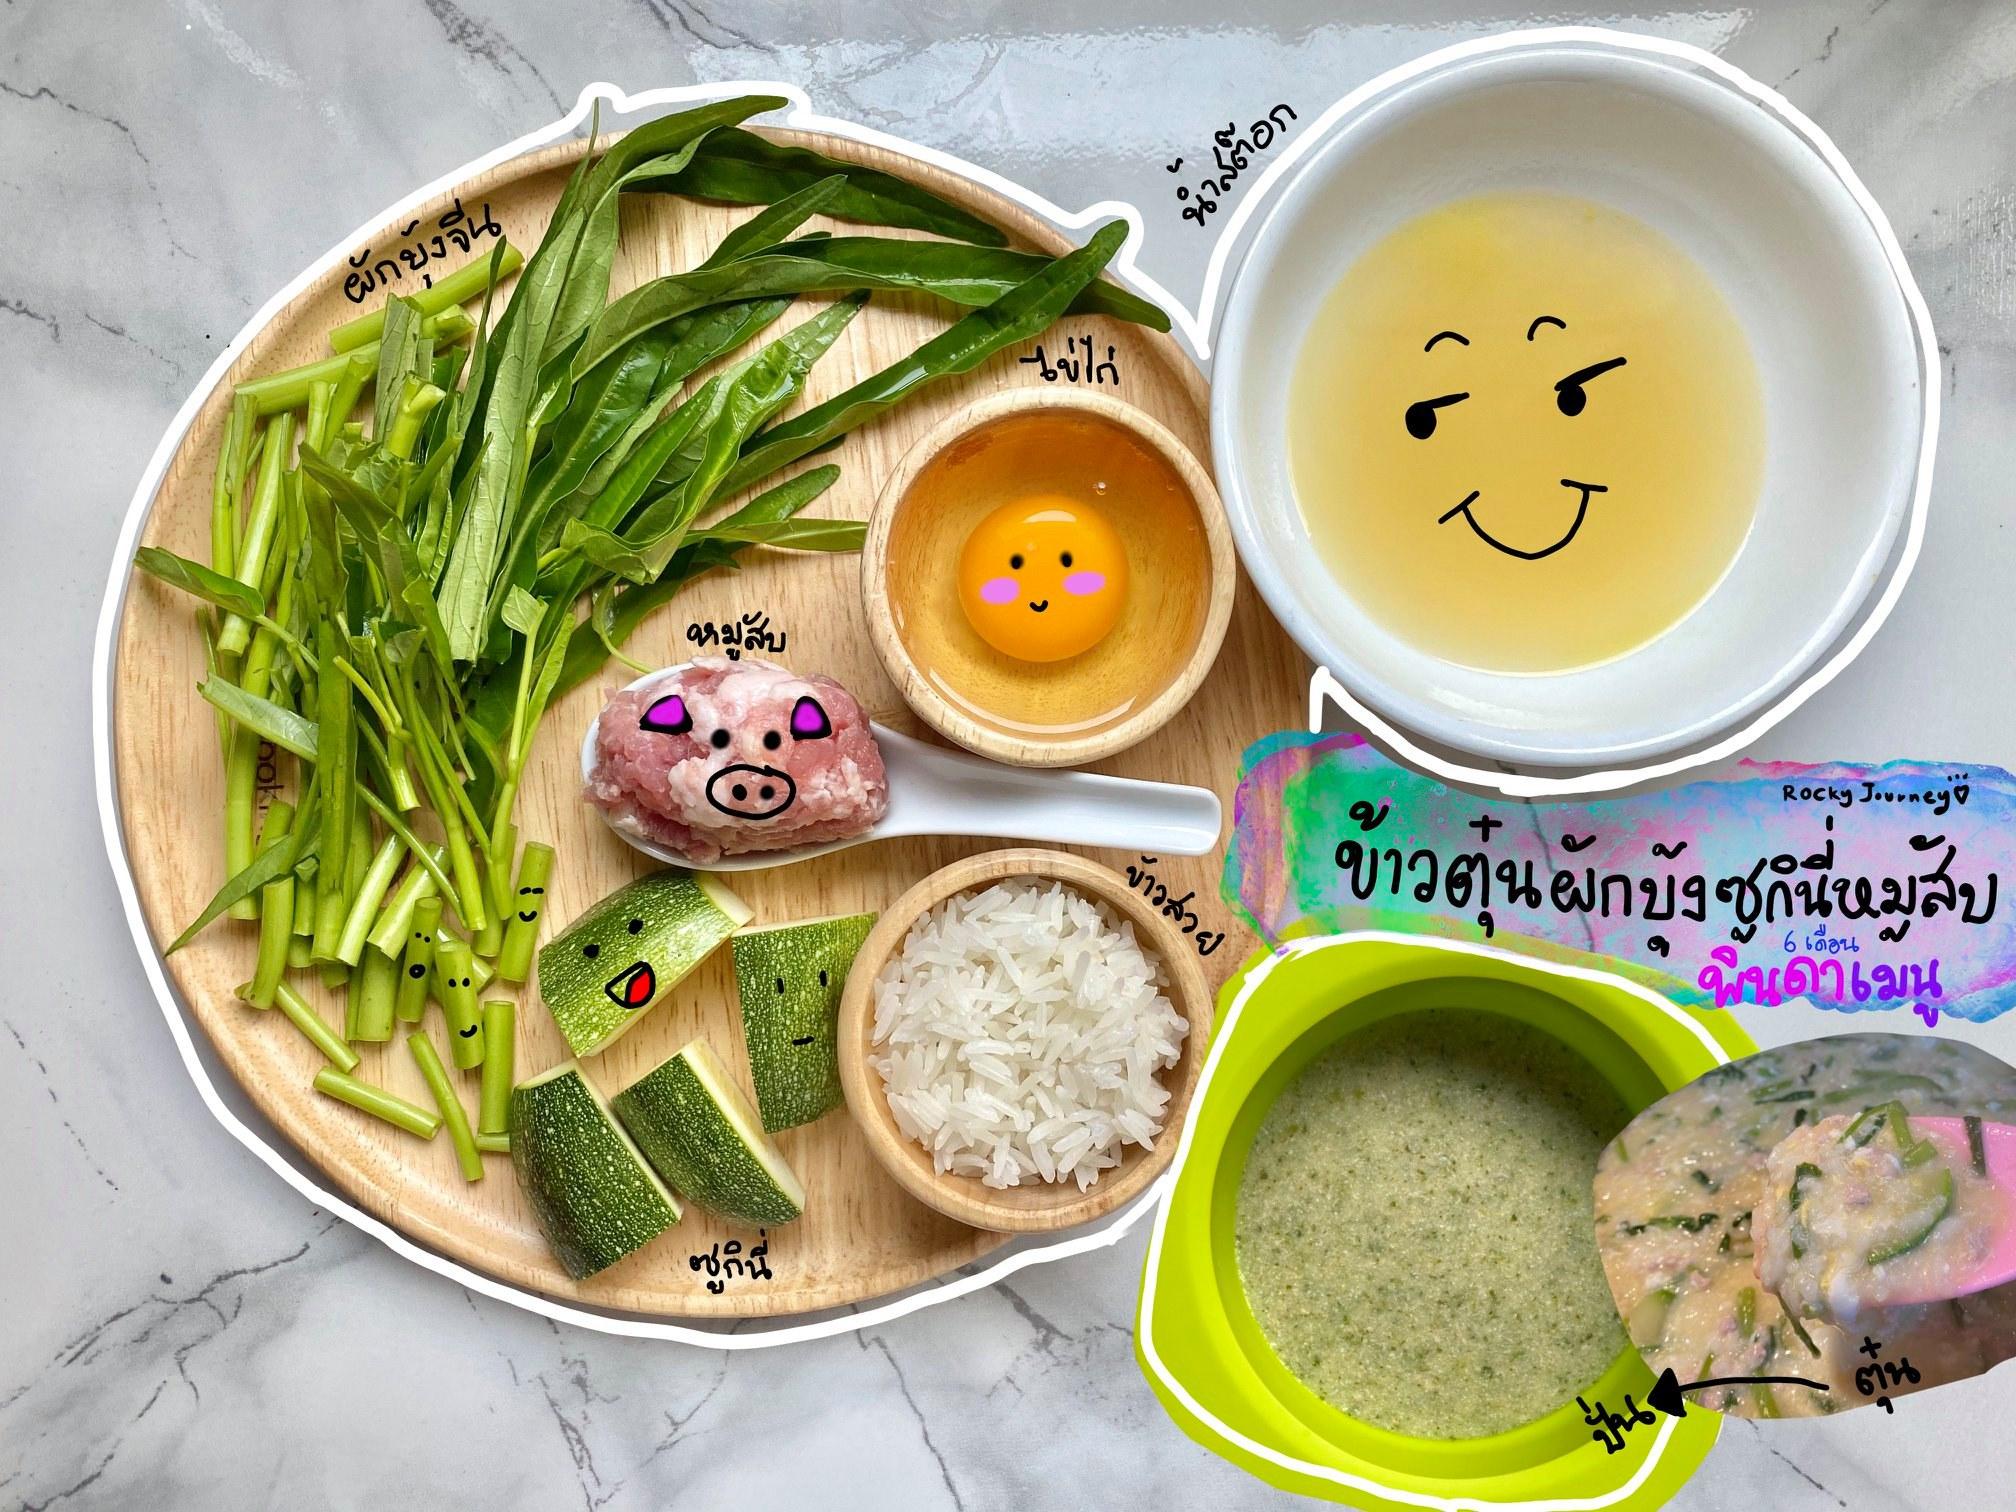 เมนู ข้าวตุ๋นผักบุ้งซูกินี่หมูสับเมนู 6 เดือน+